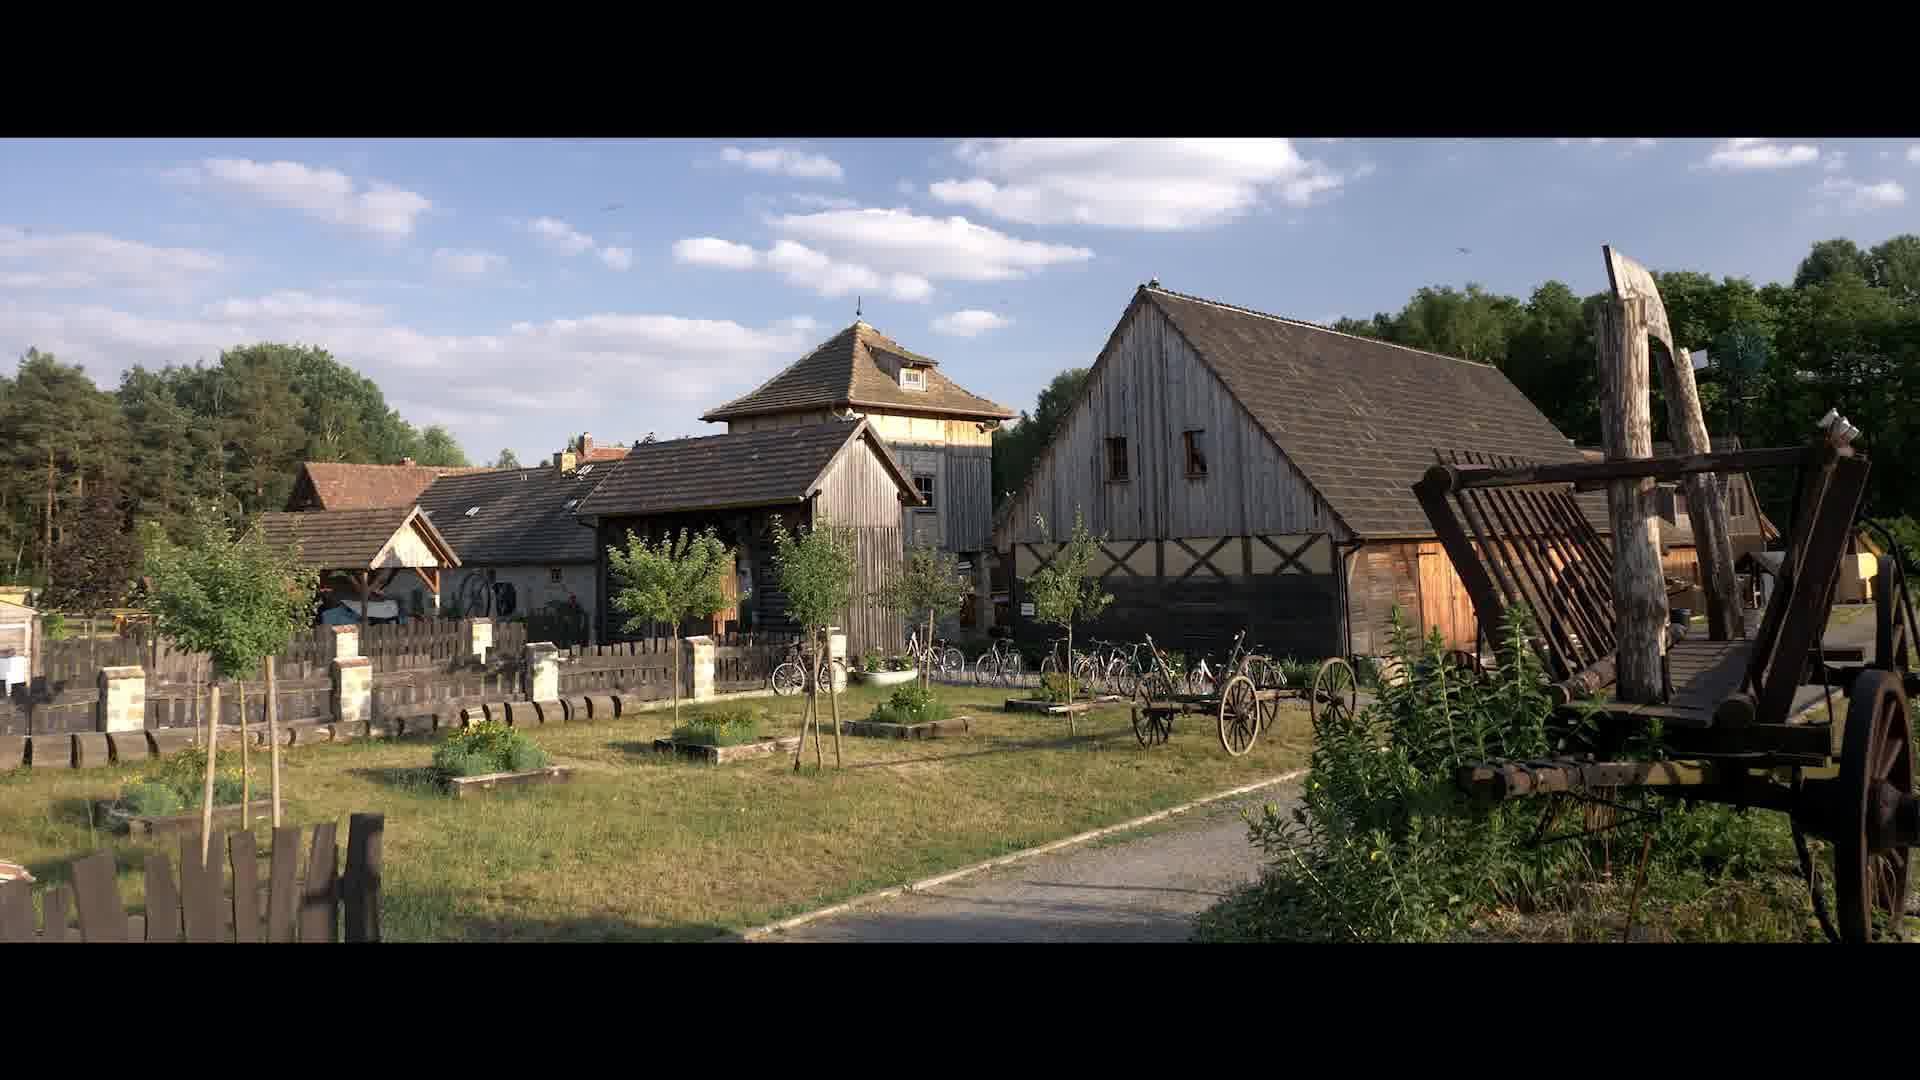 Luftbildaufnahmen: Imagefilm Bautzen - Der Landkreis Teil 4